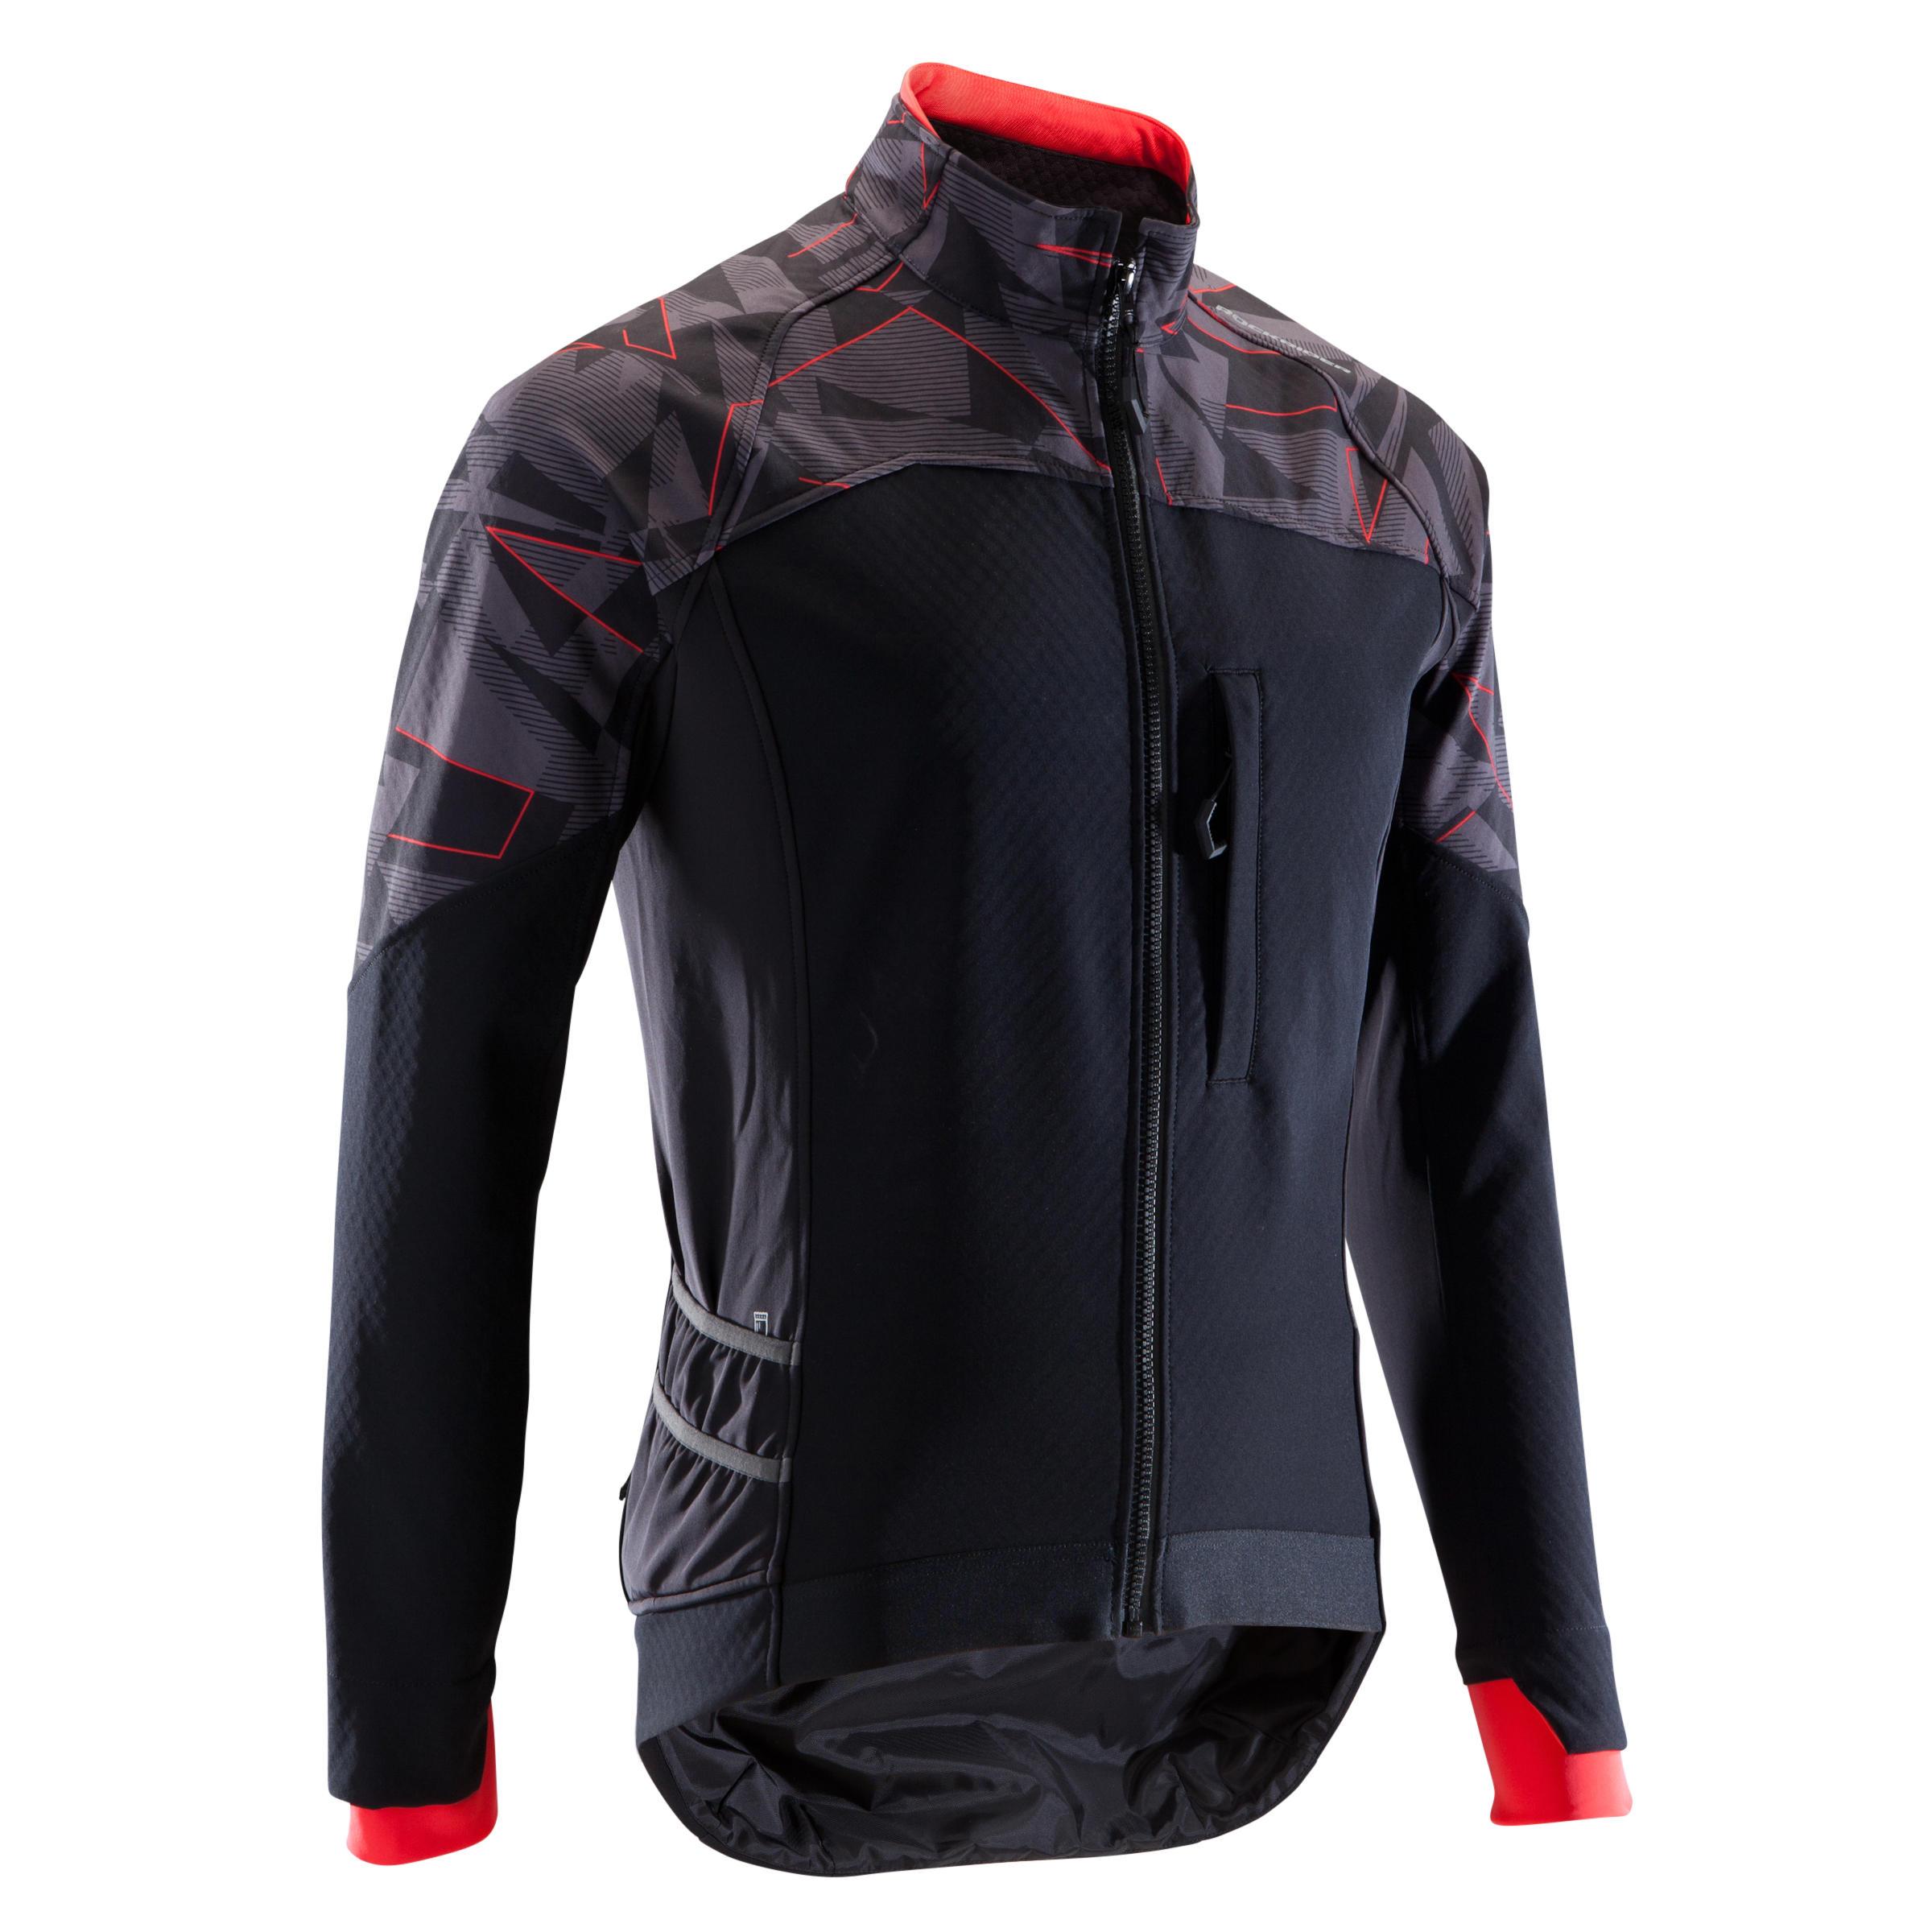 Rockrider Mountainbikejack ST 500 voor heren zwart/rood